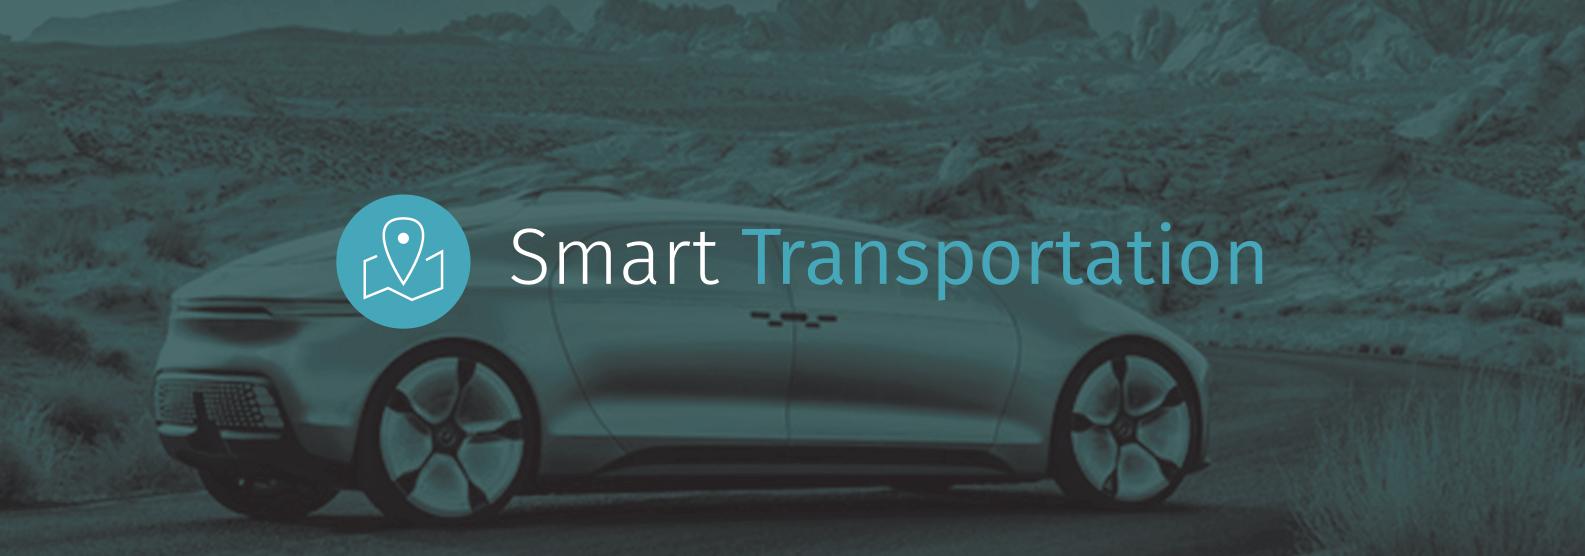 smart transportation.jpg